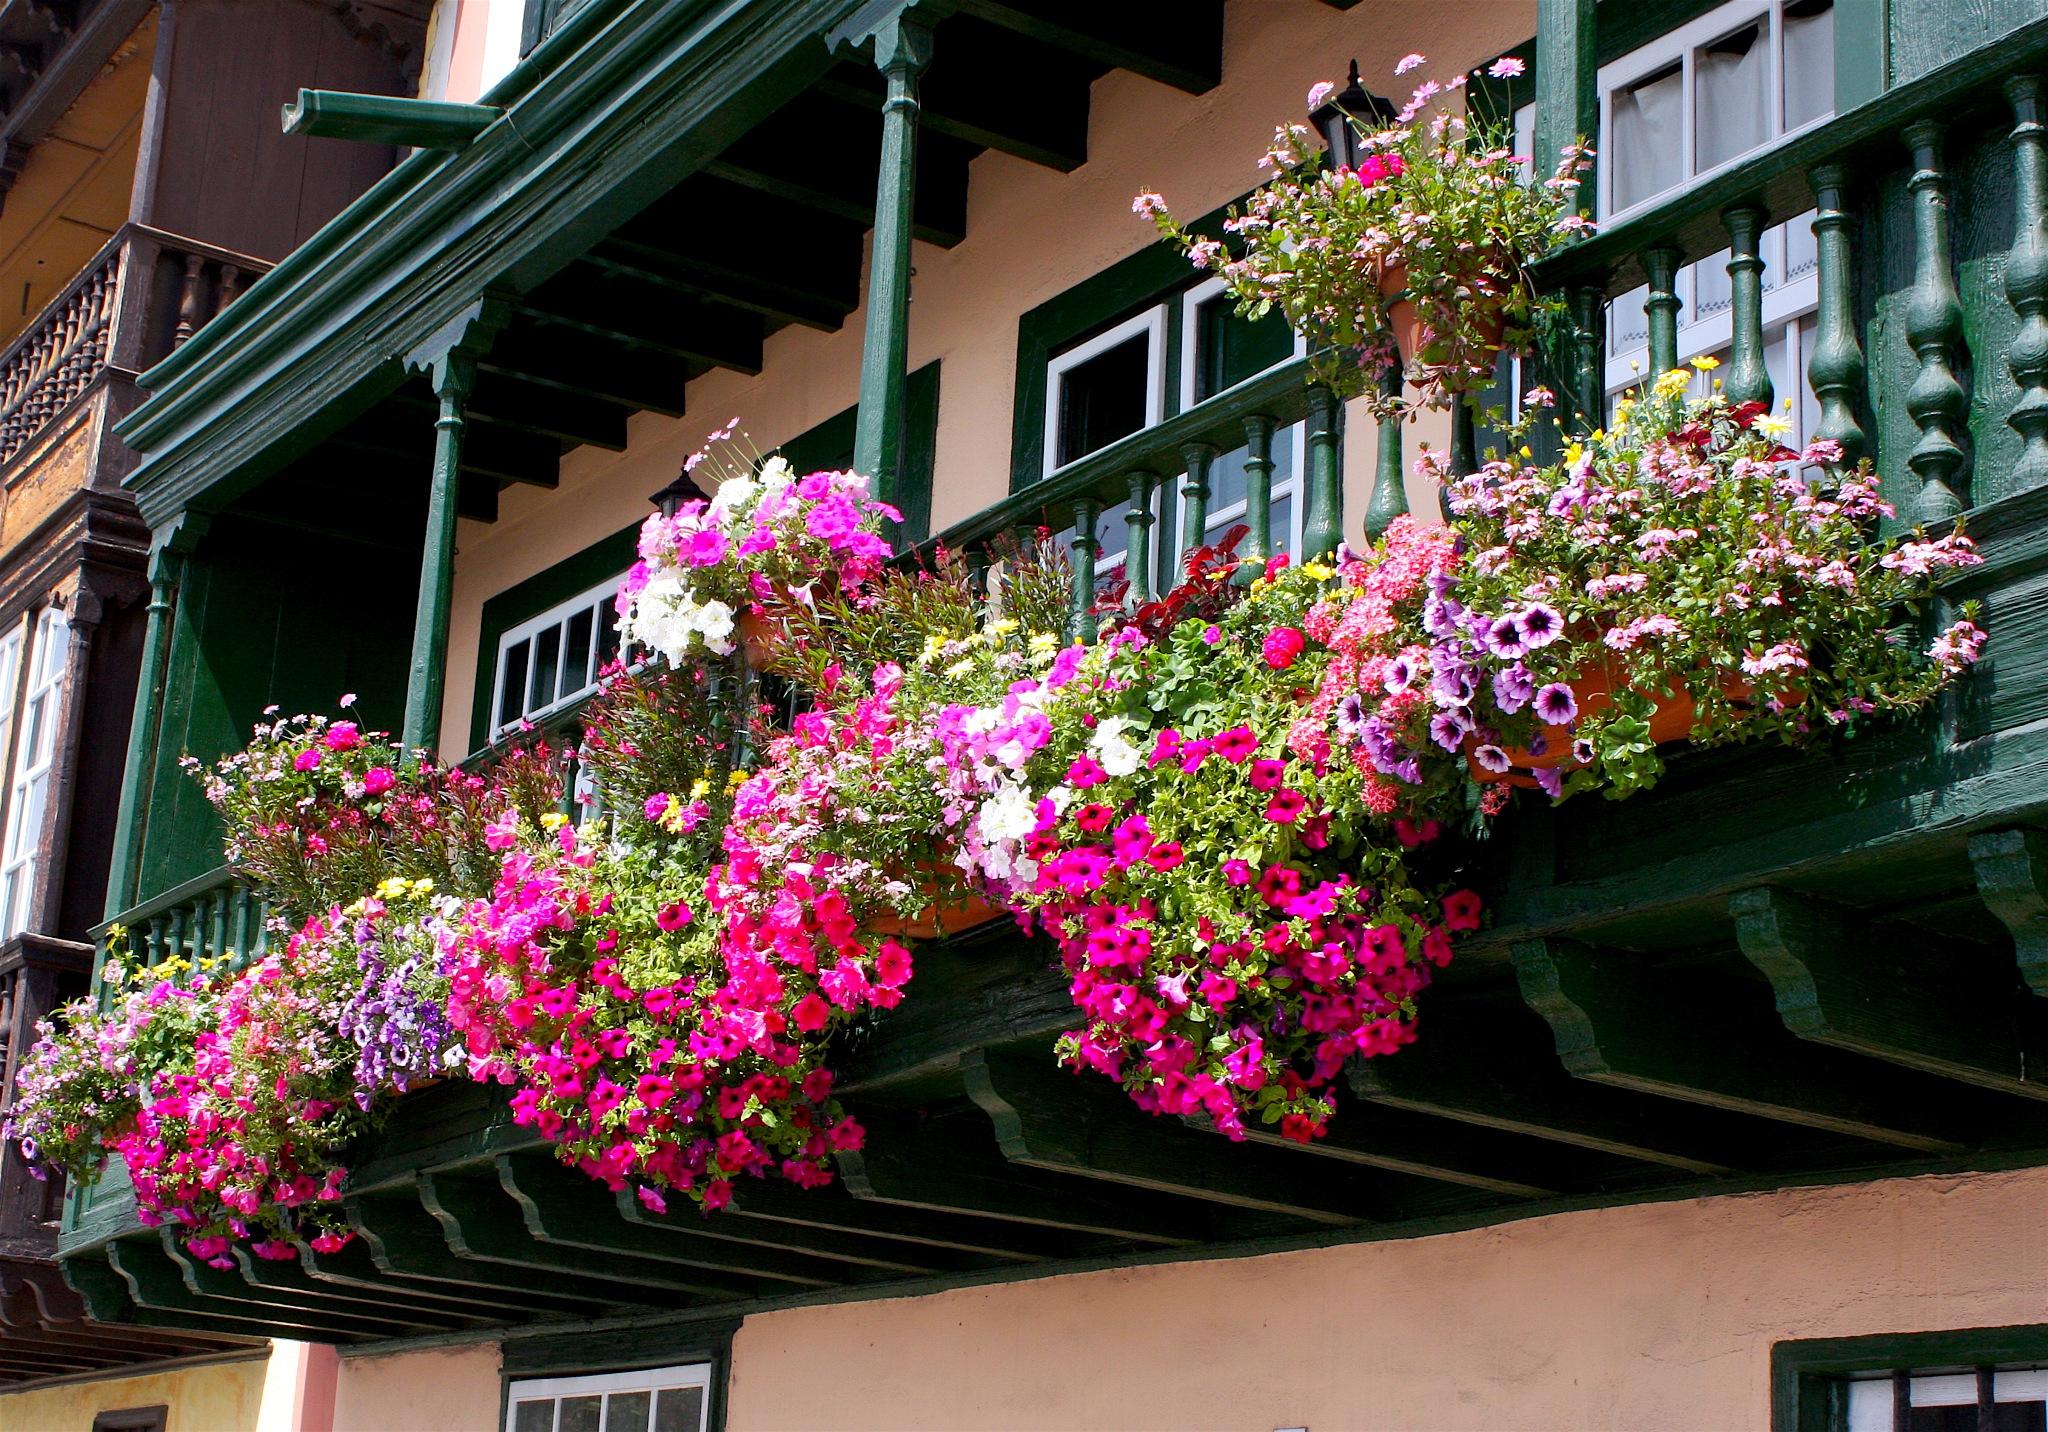 Floral balcony by Ddolfelin